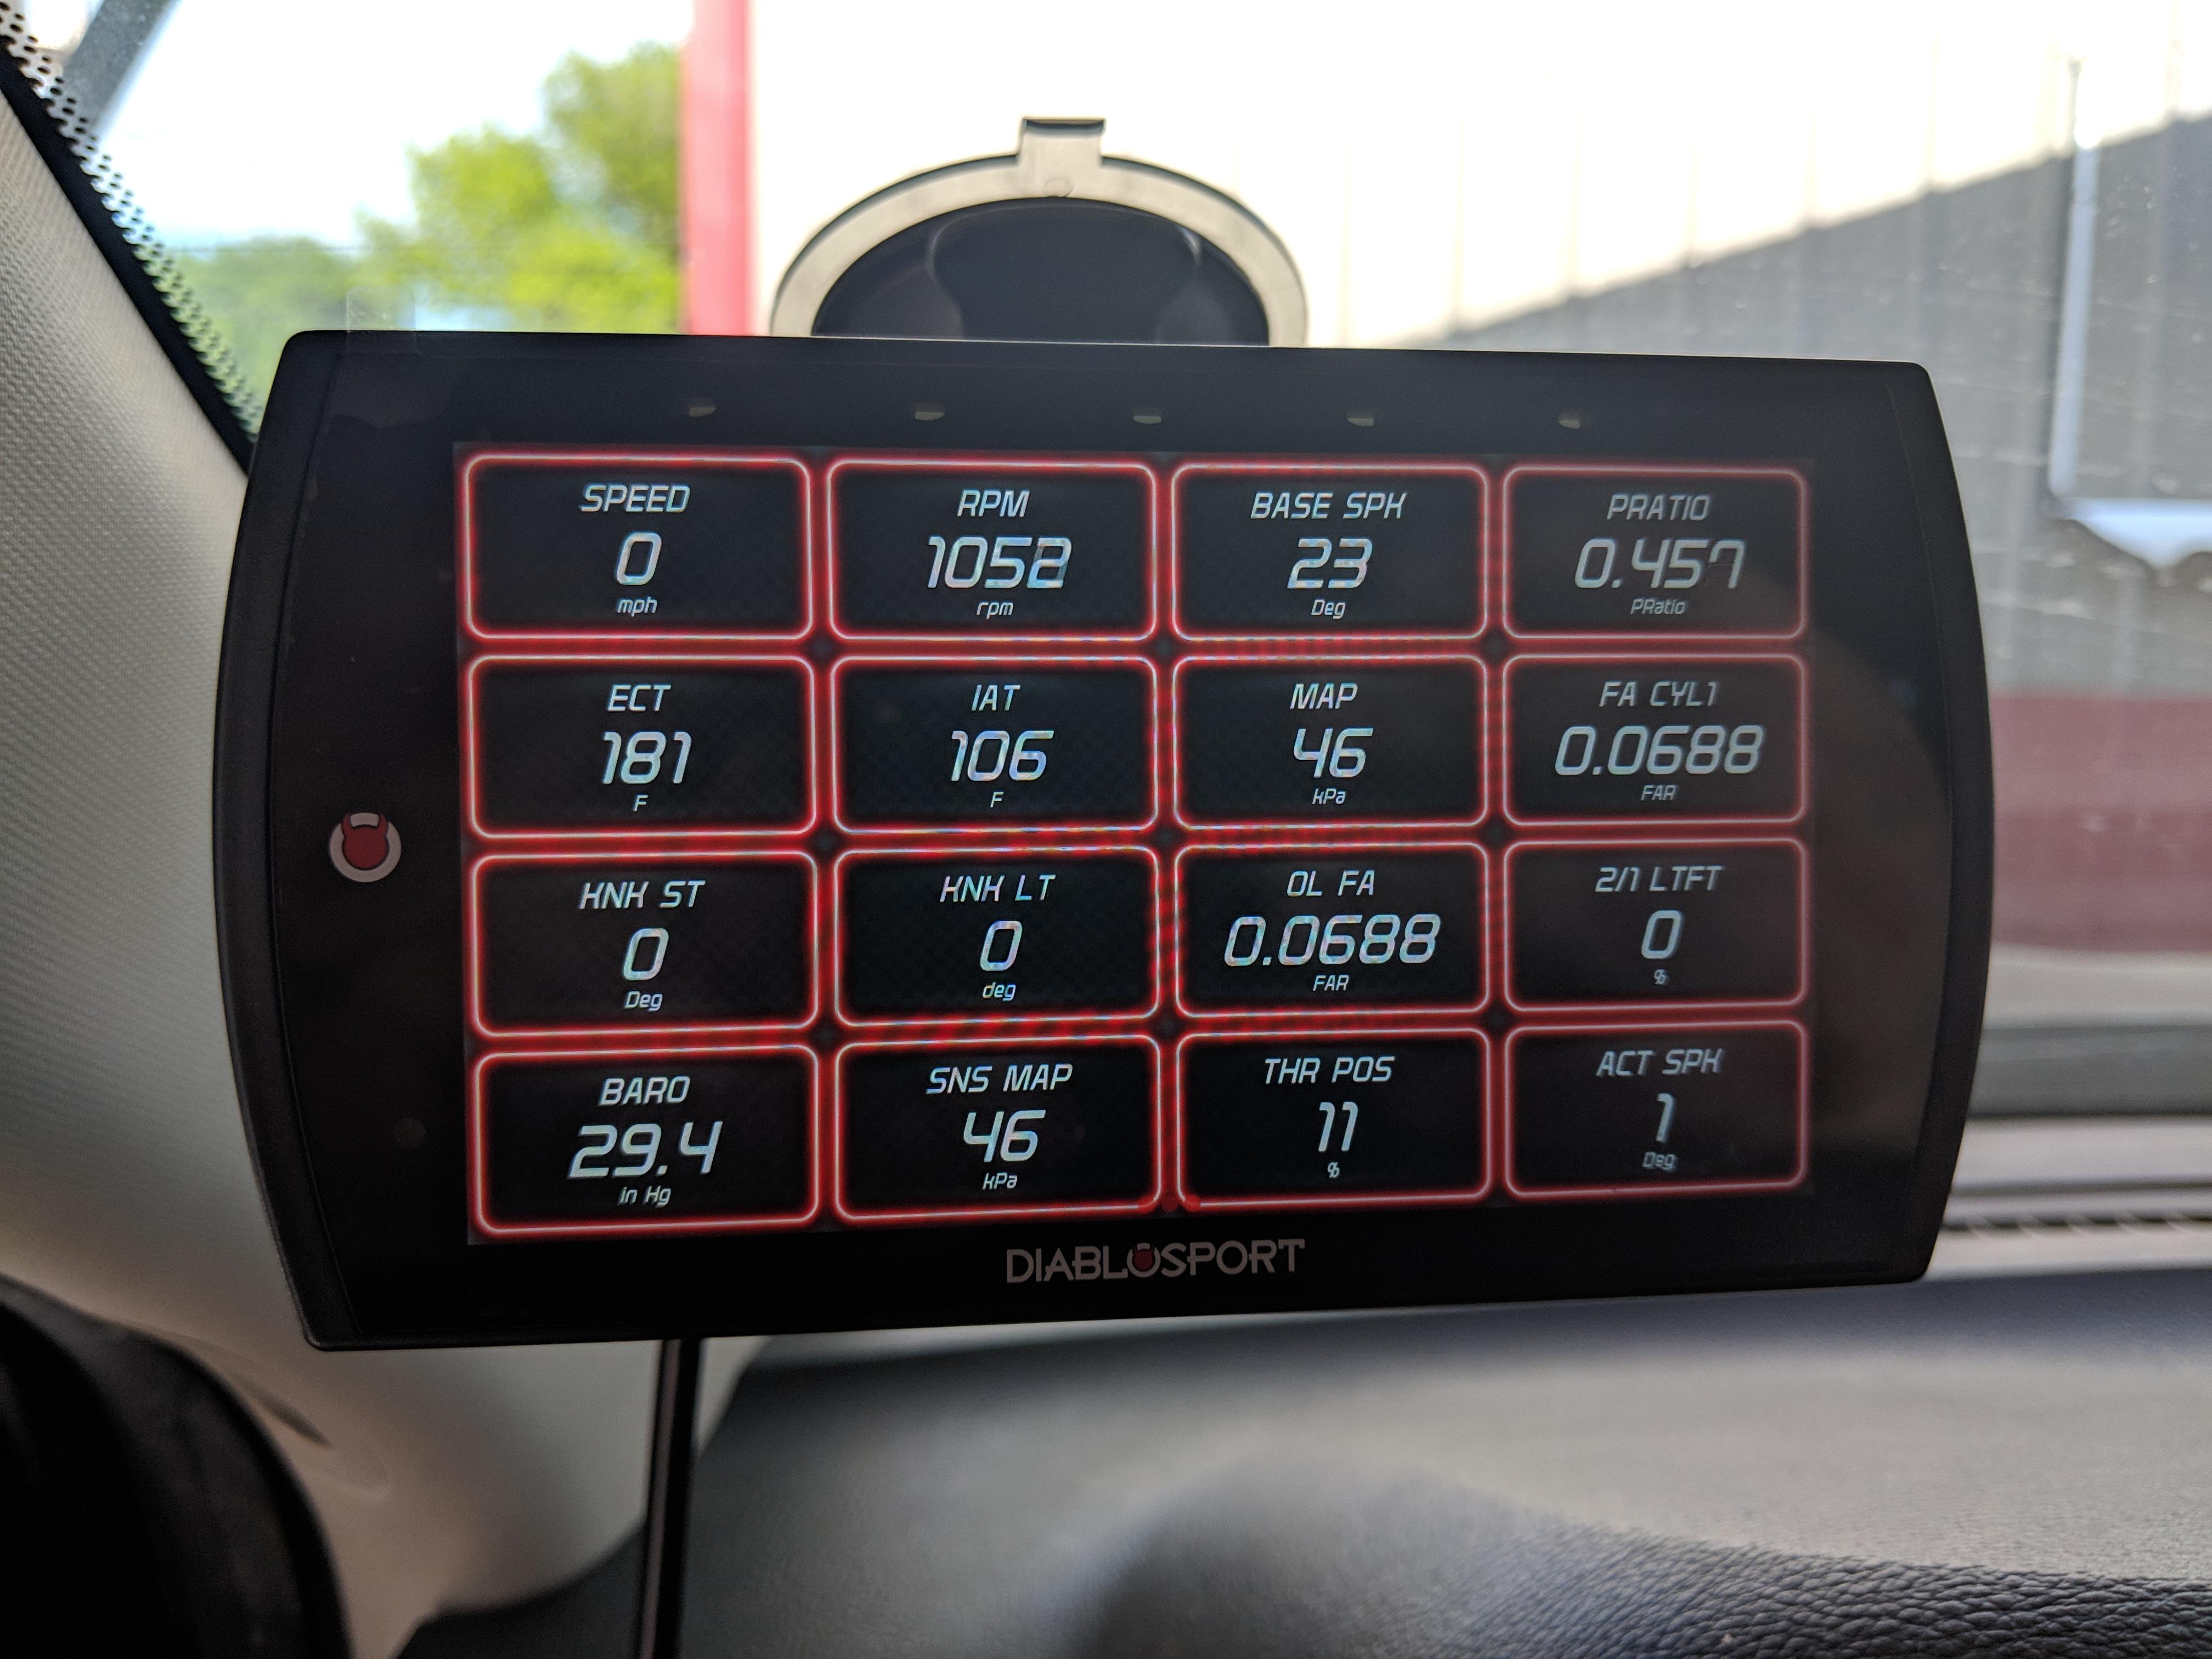 2012 Durango RT 392 Swap-img_20190506_171958_1557182712847.jpg